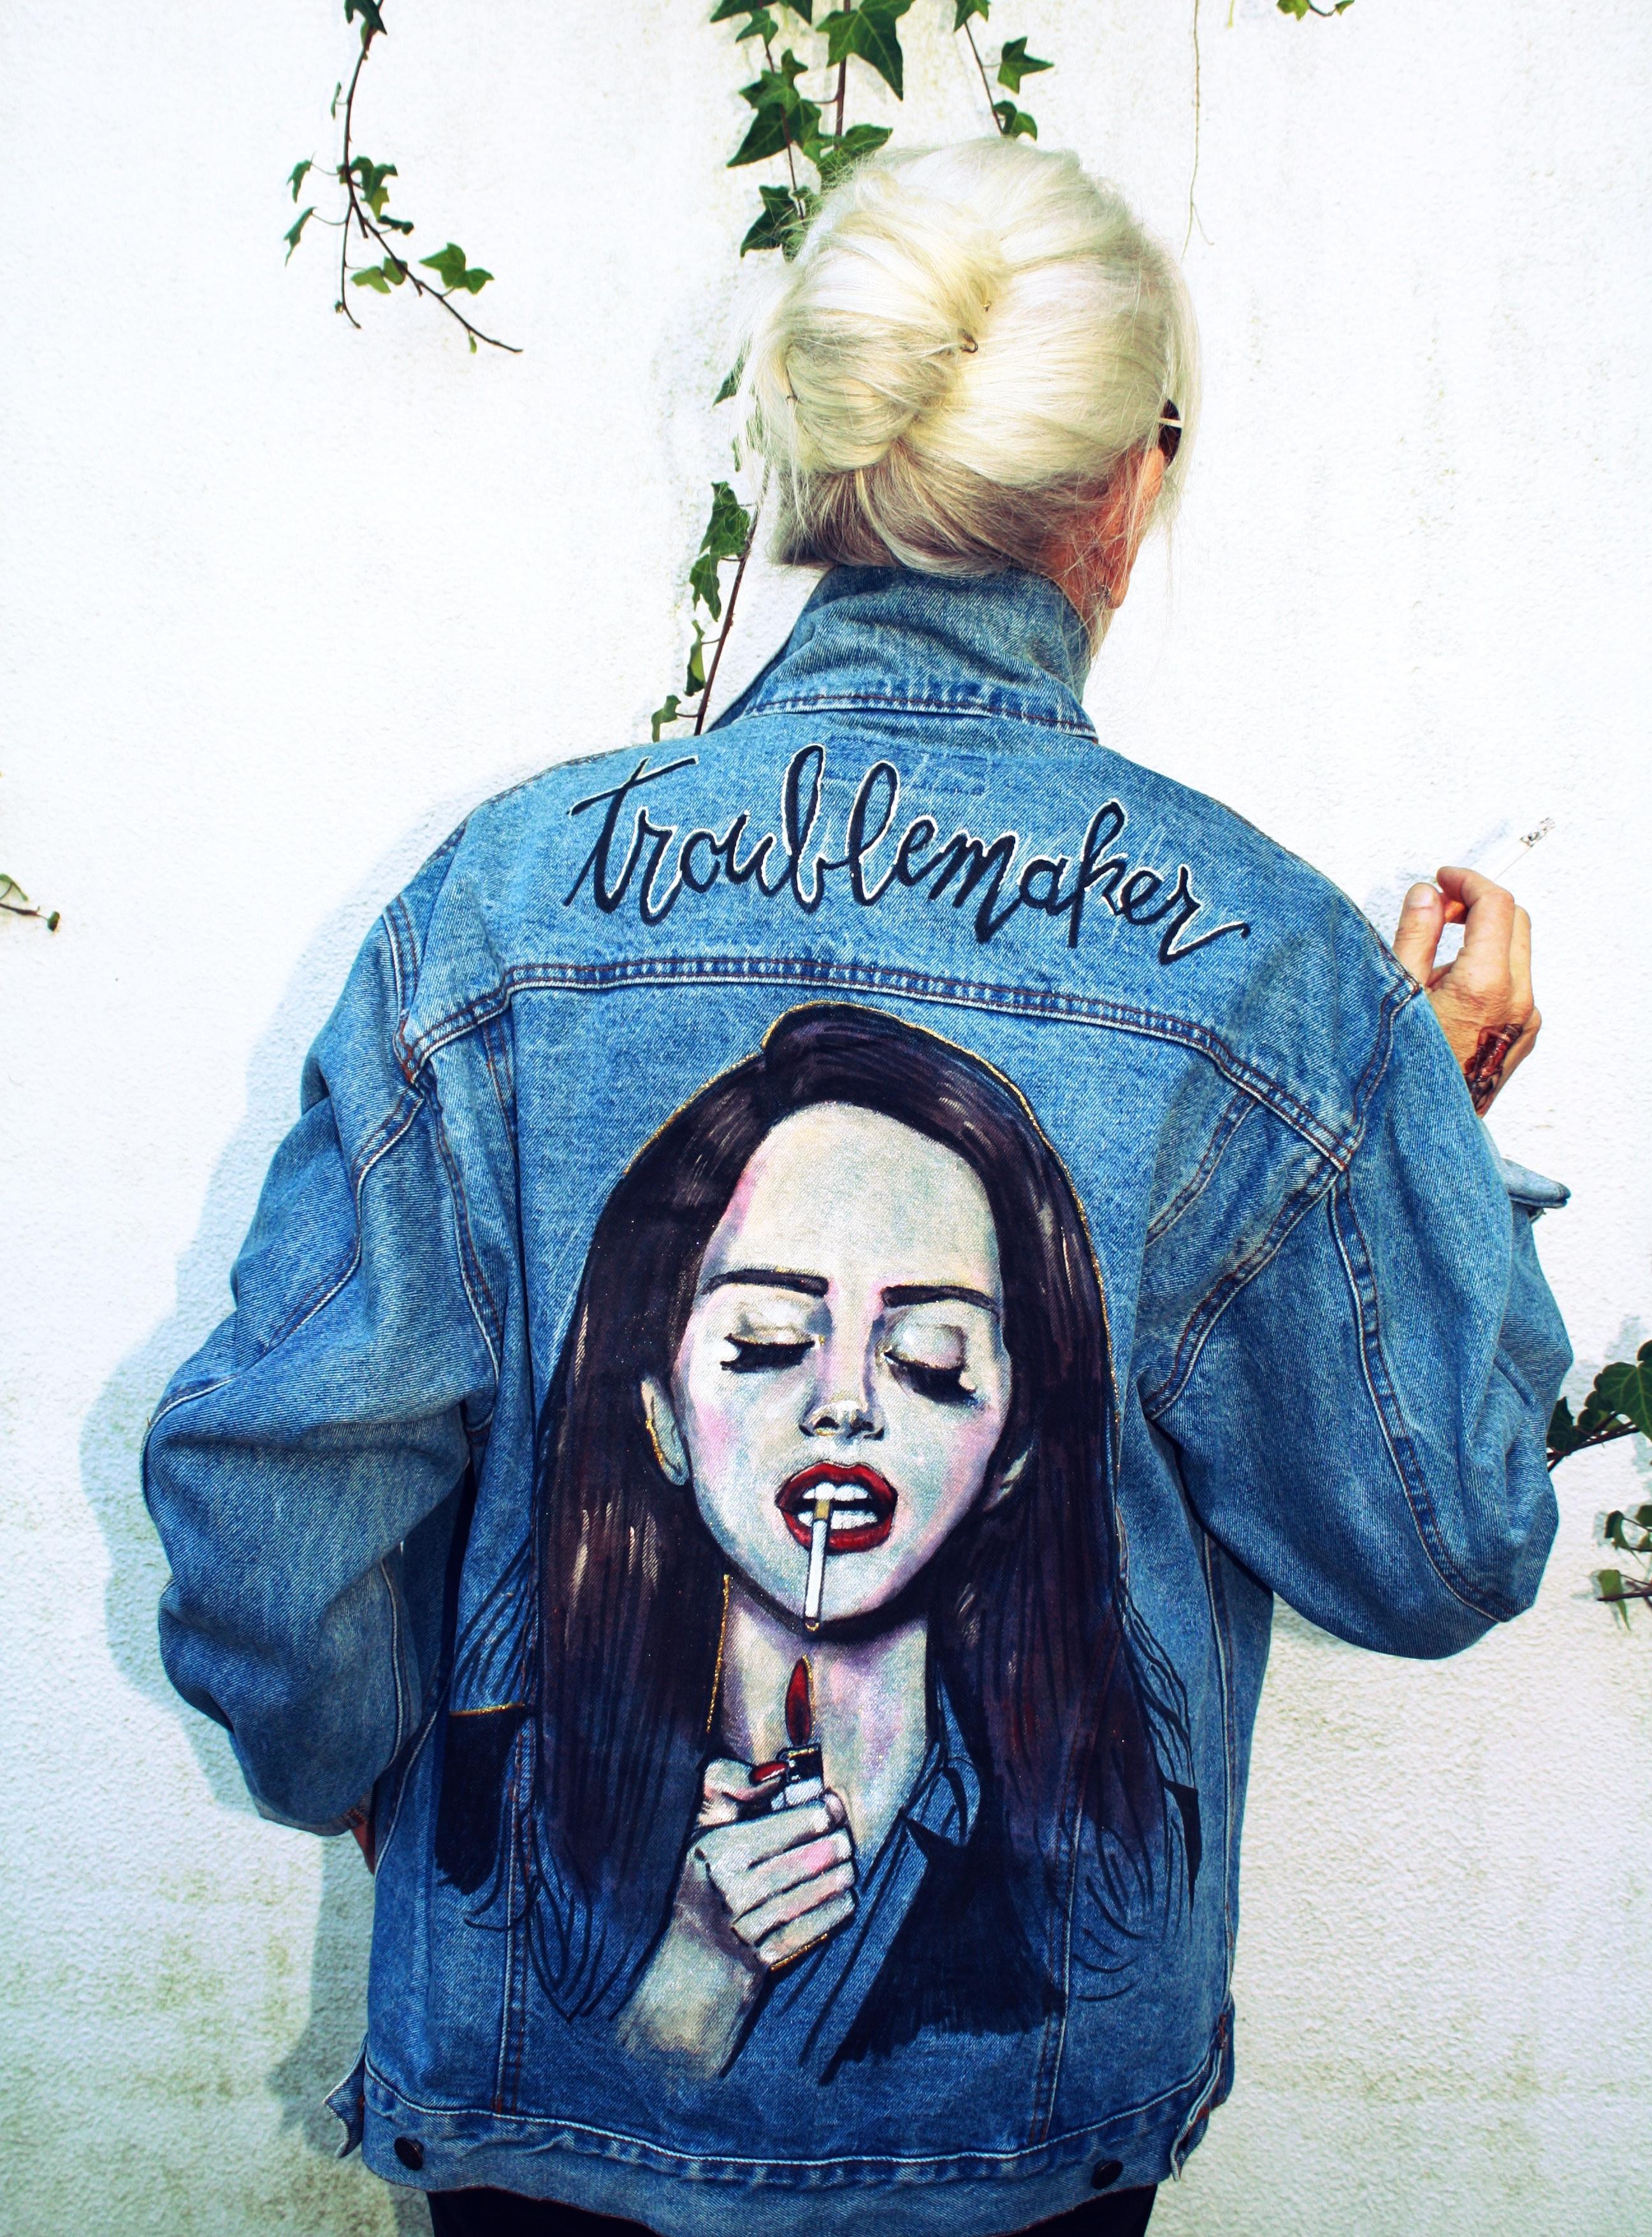 Lana del Rey's jacket